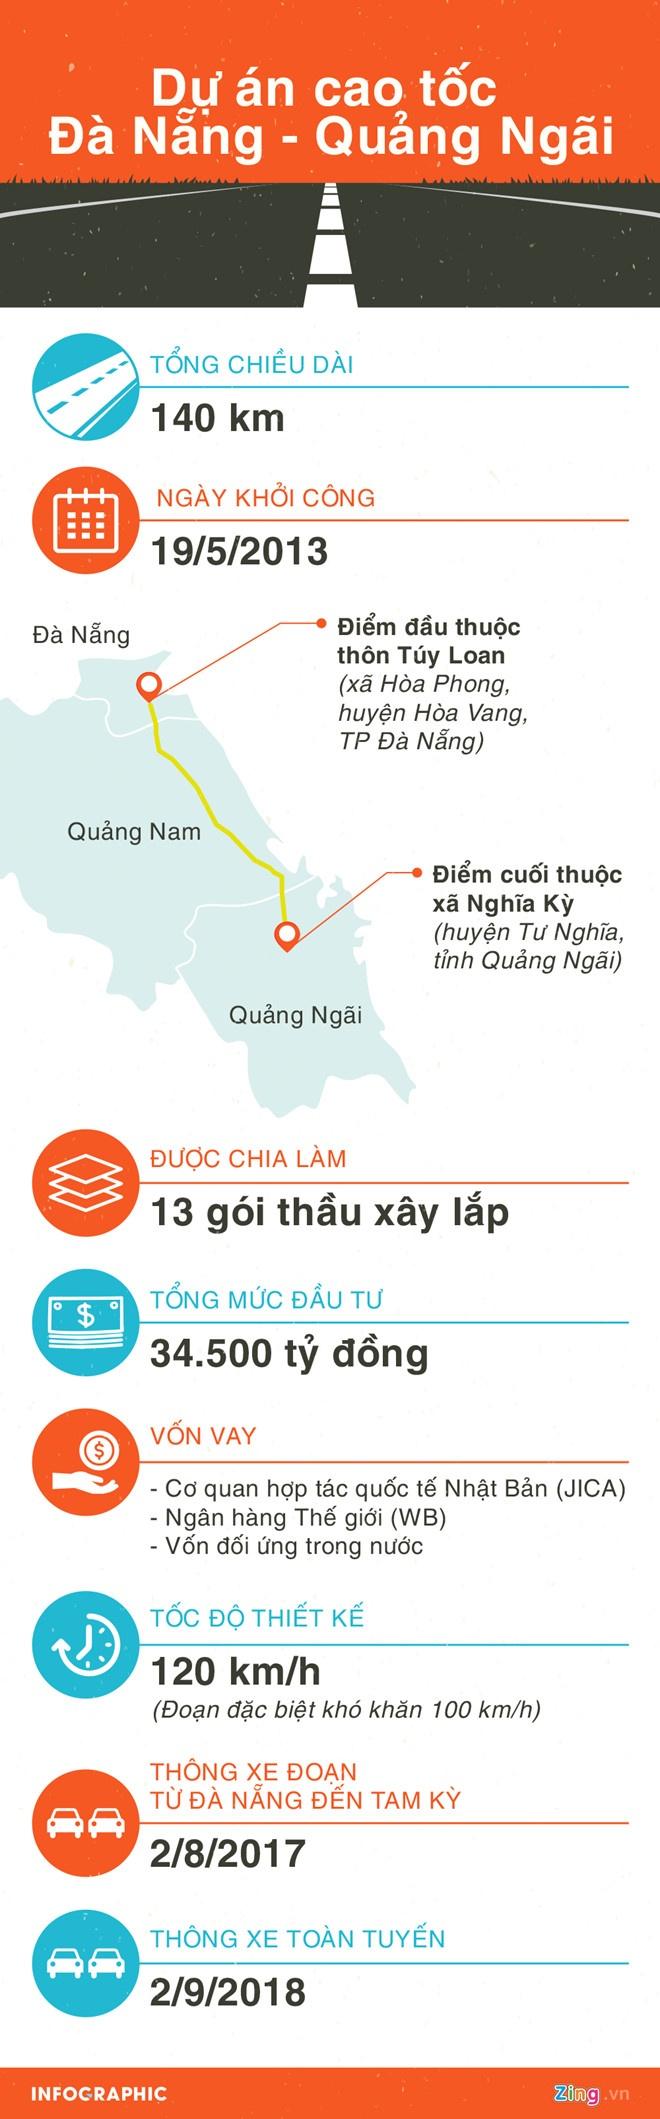 Cao toc Da Nang- Quang Ngai anh 23